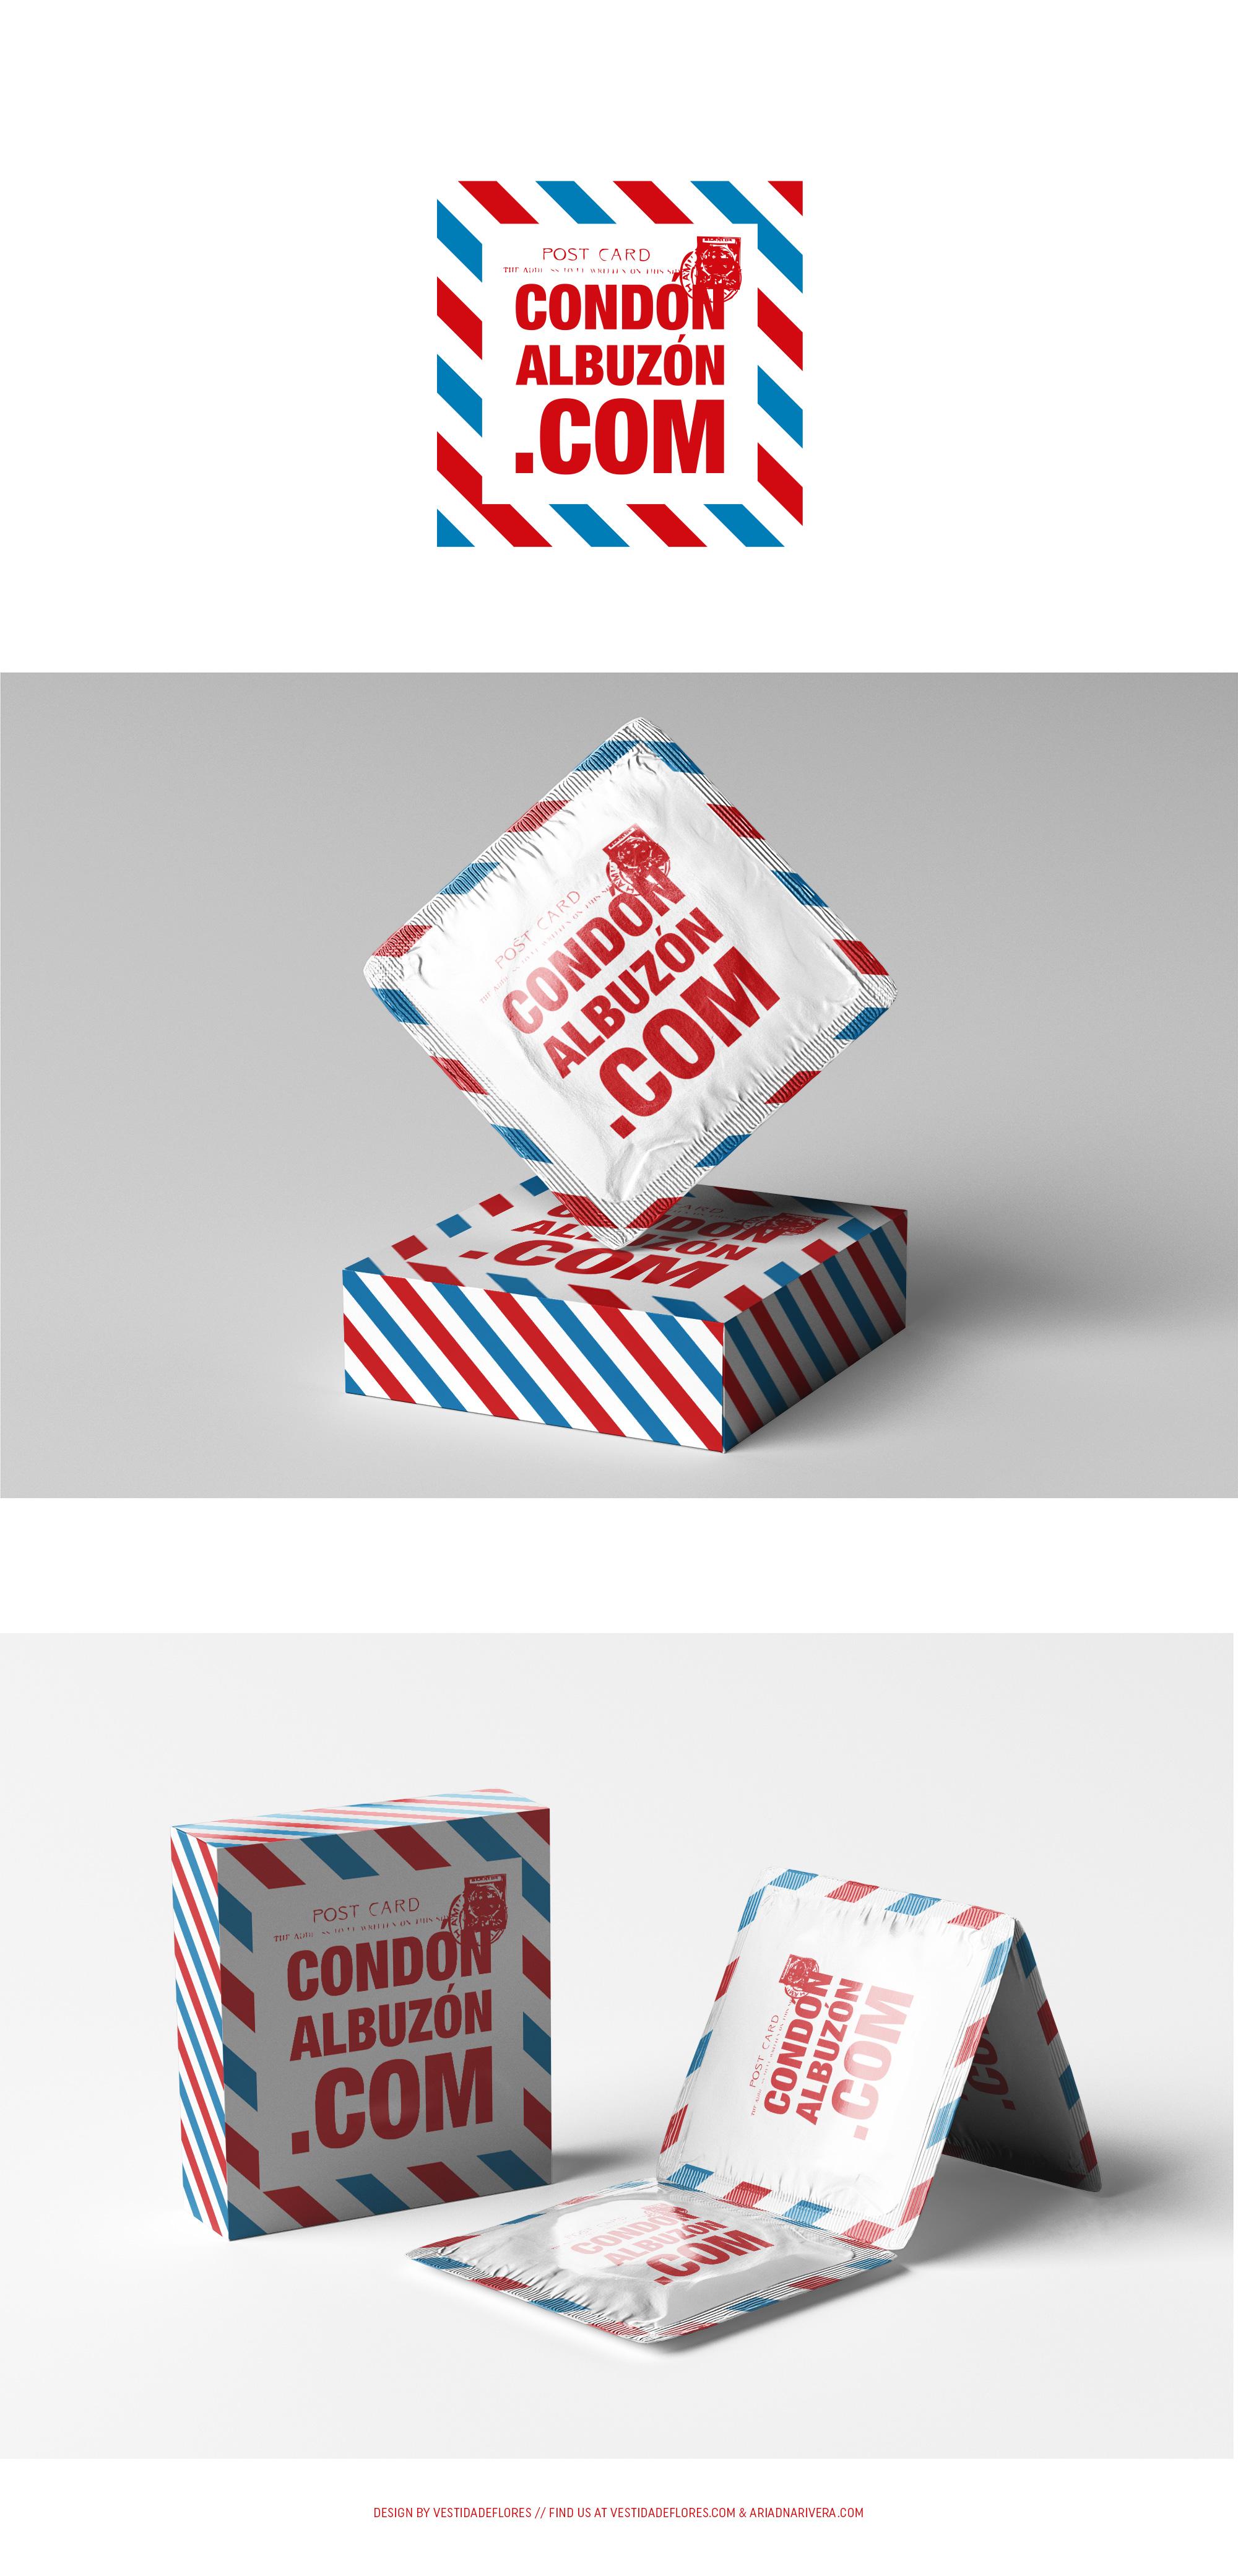 Vestida de flores - Diseño logotipo y packaging para condonalbuzon.com